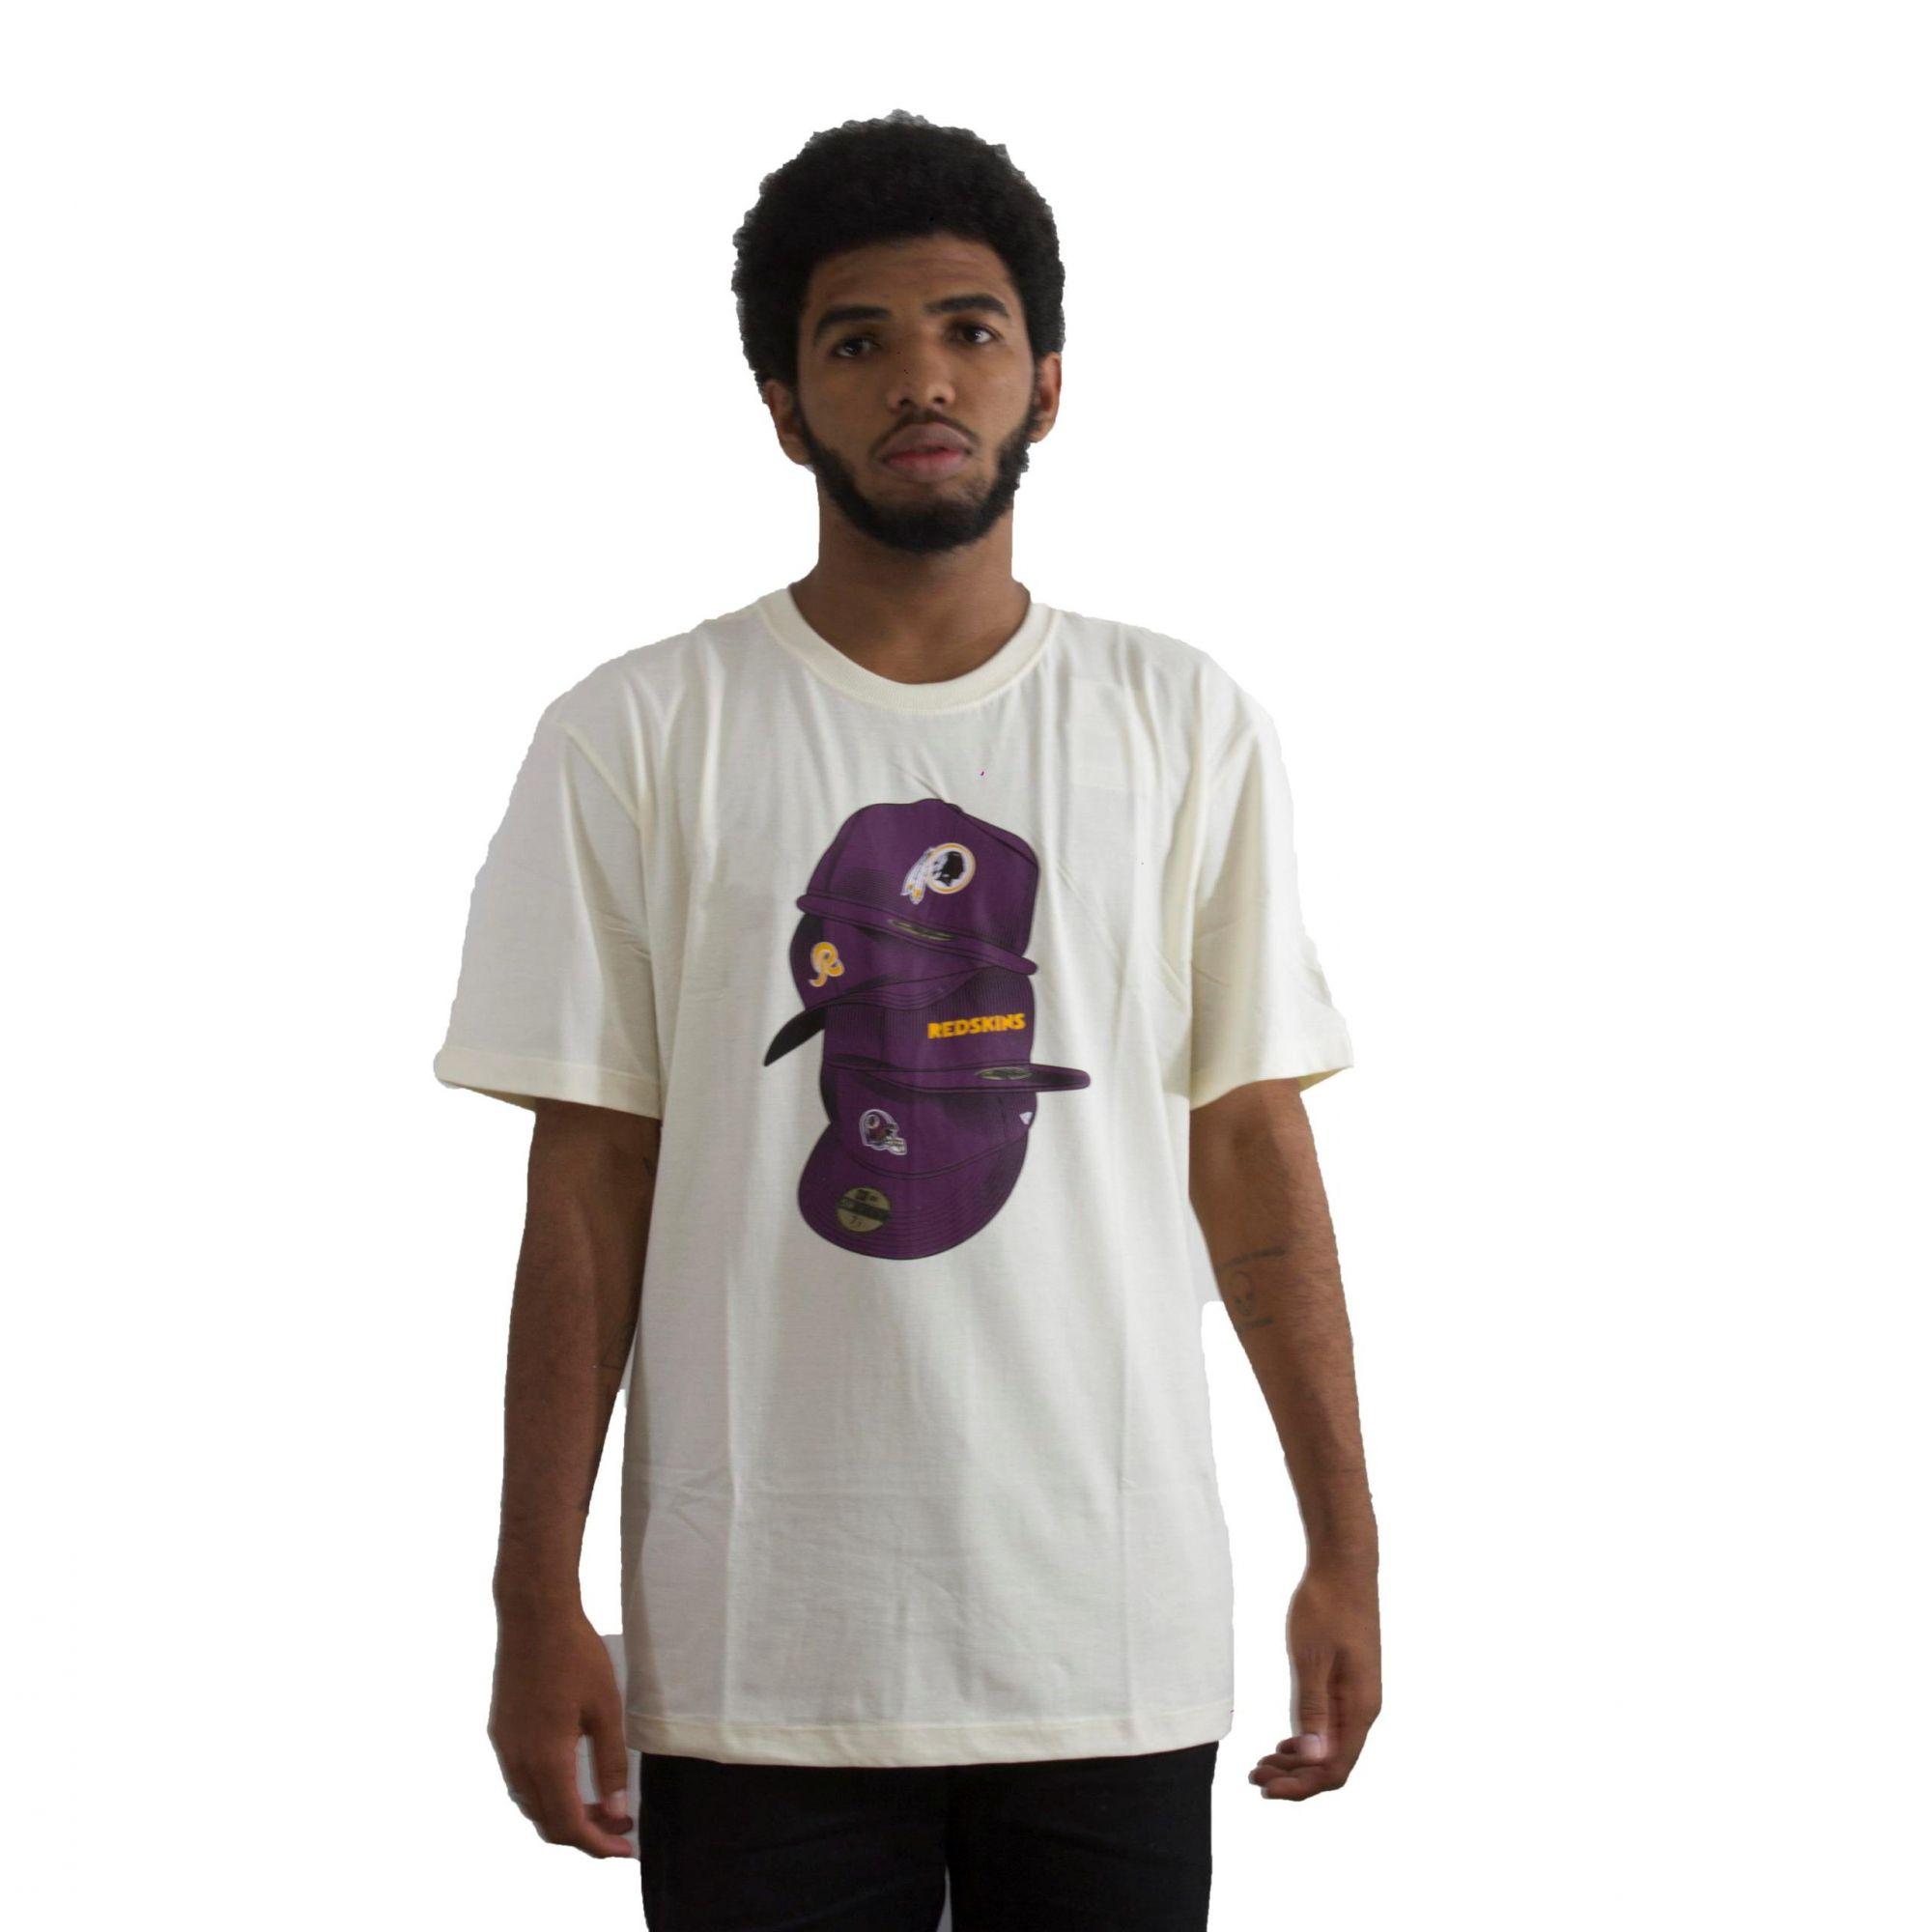 Camiseta New Era Redskins Off White